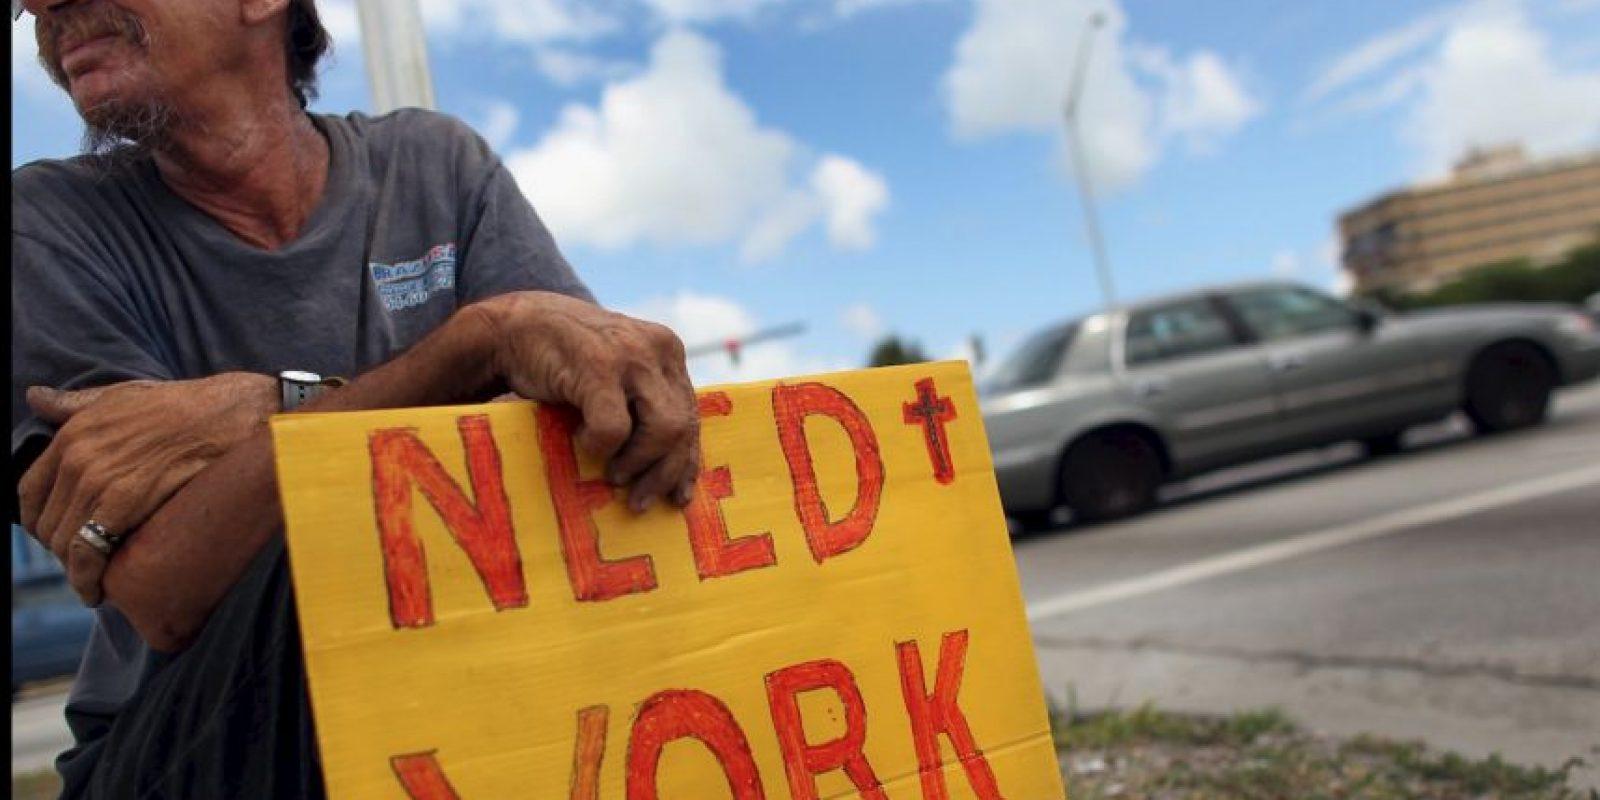 Según un informe de la Organización Internacional del Trabajo, (OIT), para 2019 habrán 212 millones de desempleados. Foto:Getty Images/RCN. Imagen Por: